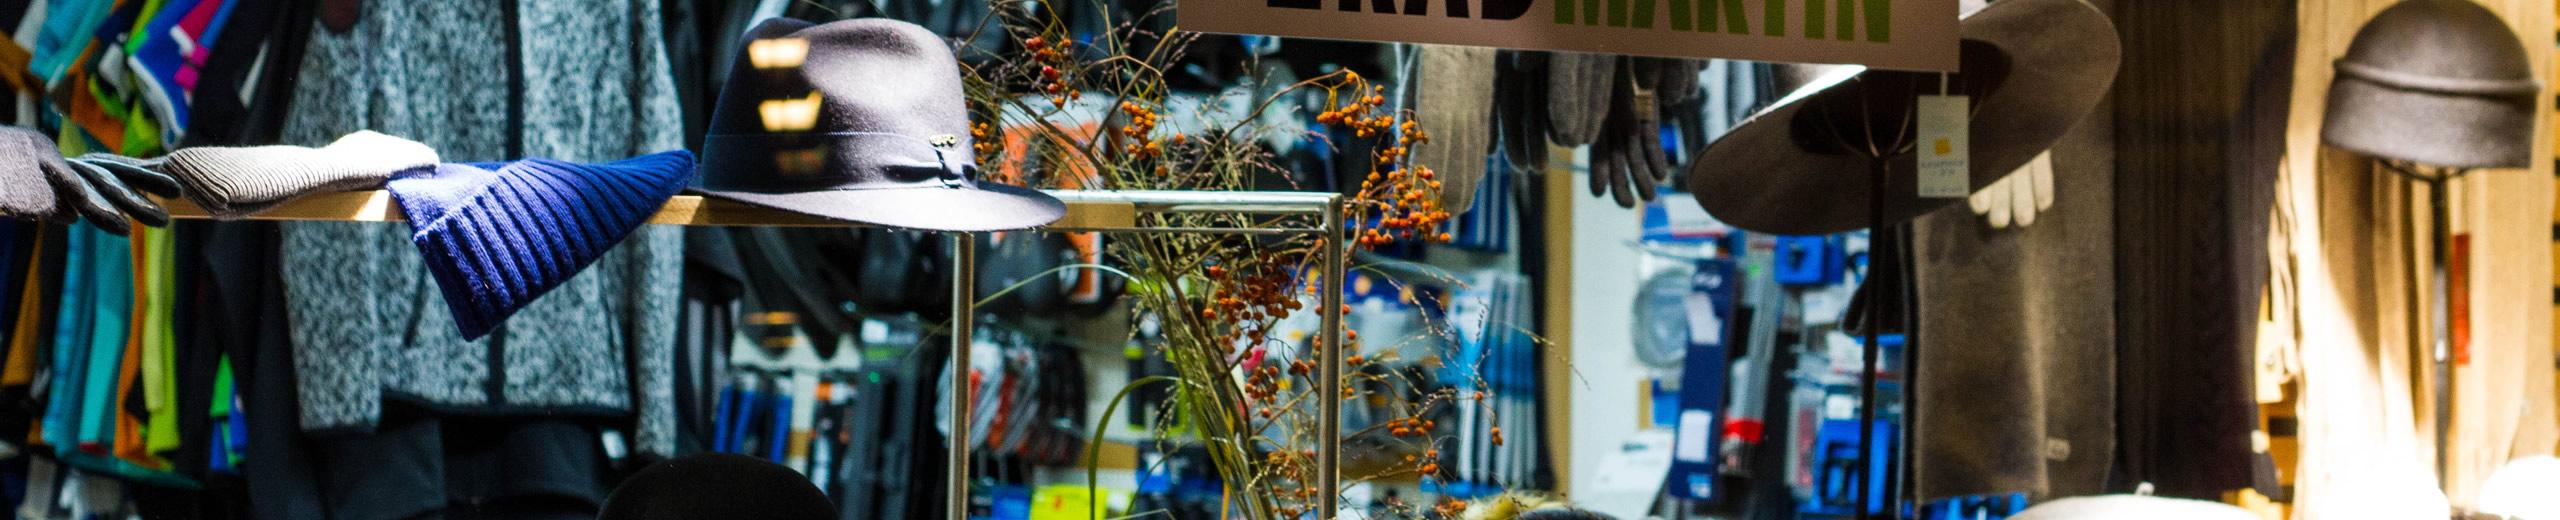 2Radmartin Ihr Bikeshop in Bludenz